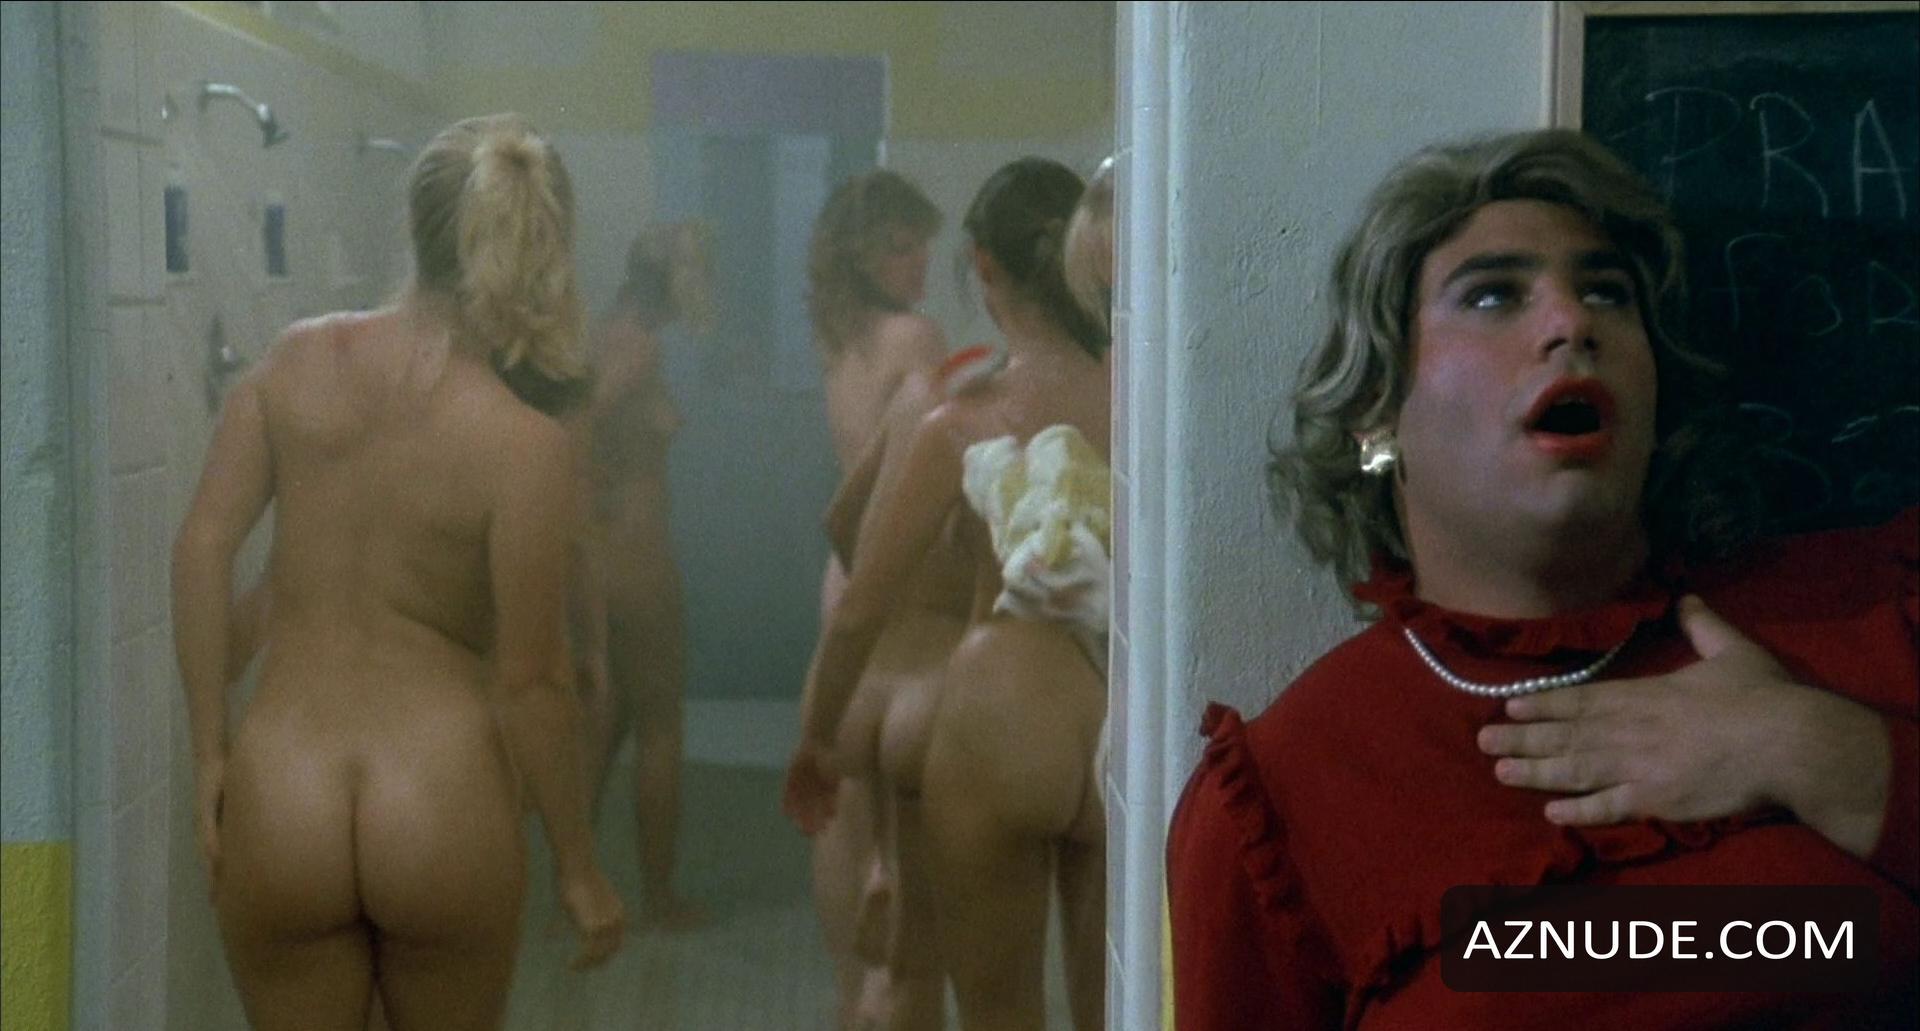 nude in private school movie